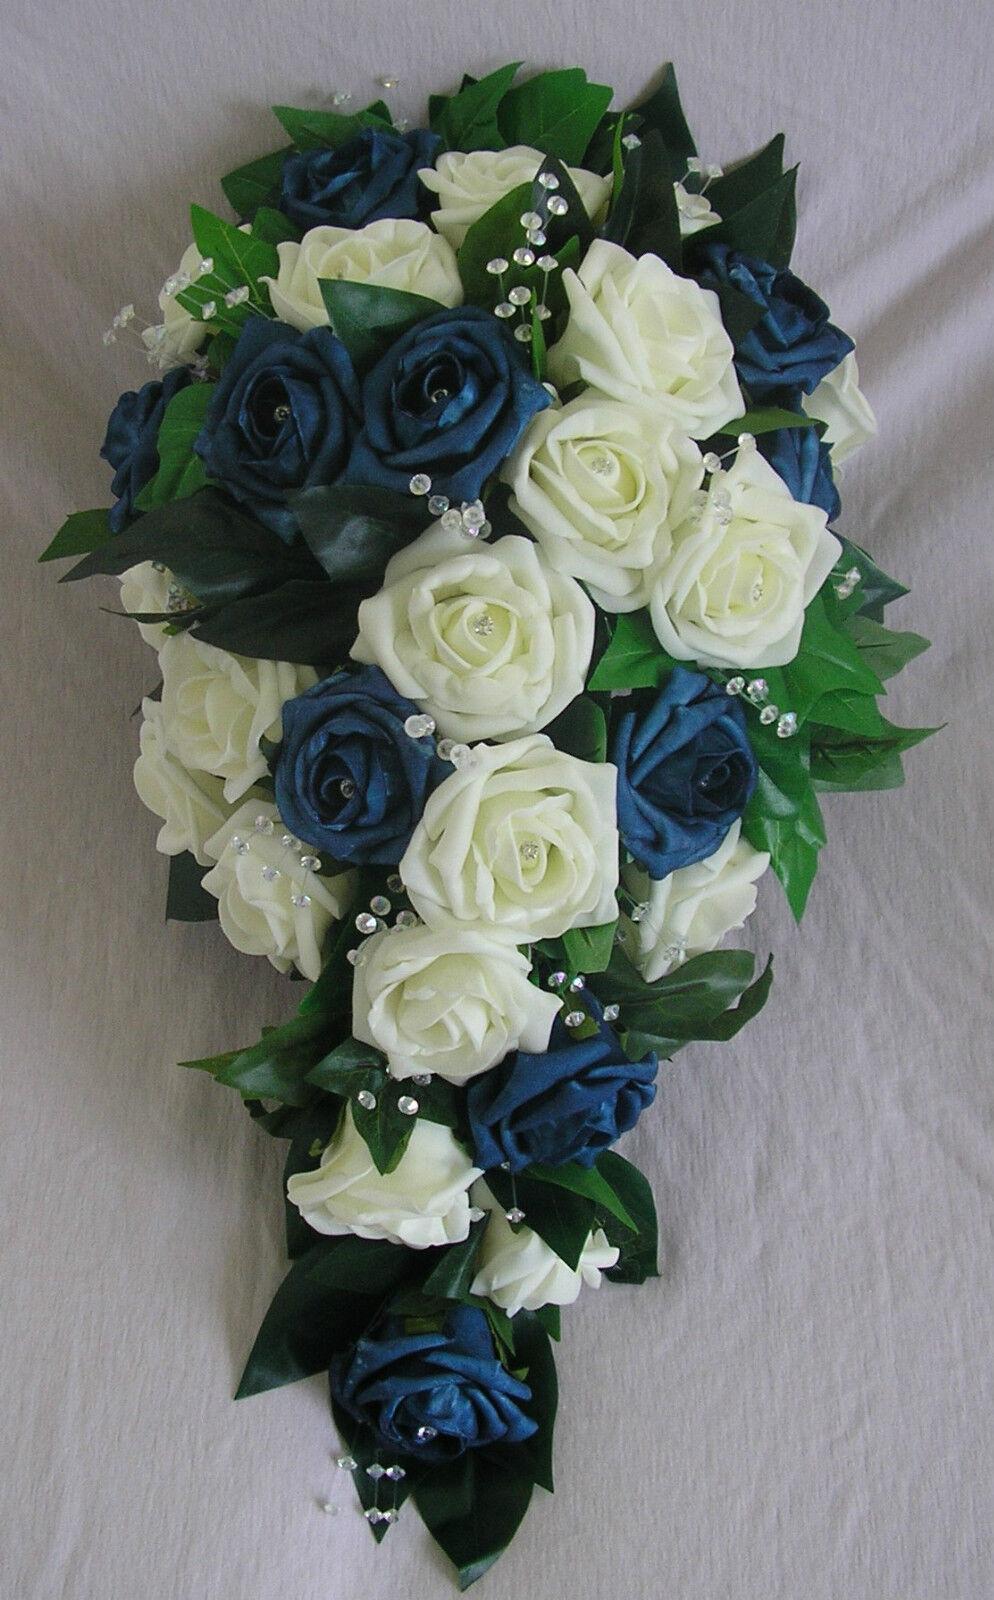 Mariage Ivy Fleurs Ivoire Bleu Marine Rose Mariée Mariage Ivy Mariage Larme Bouquet Artificielle 570e67